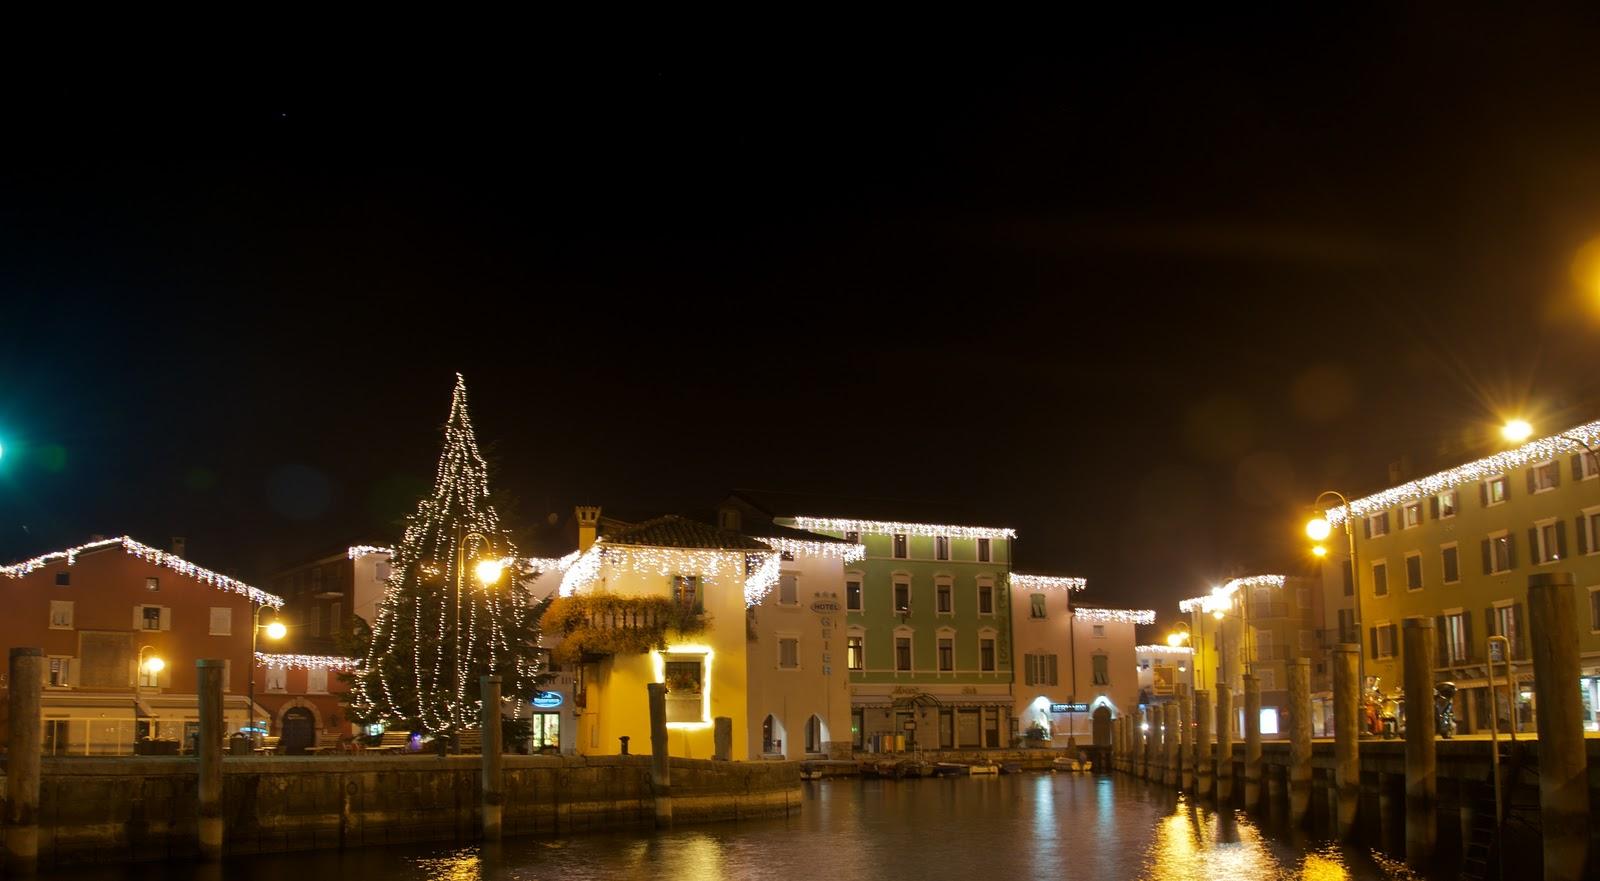 Programma aggiornato – Mercatini di Natale – Castello di Tenno e gli Ulivi del Garda